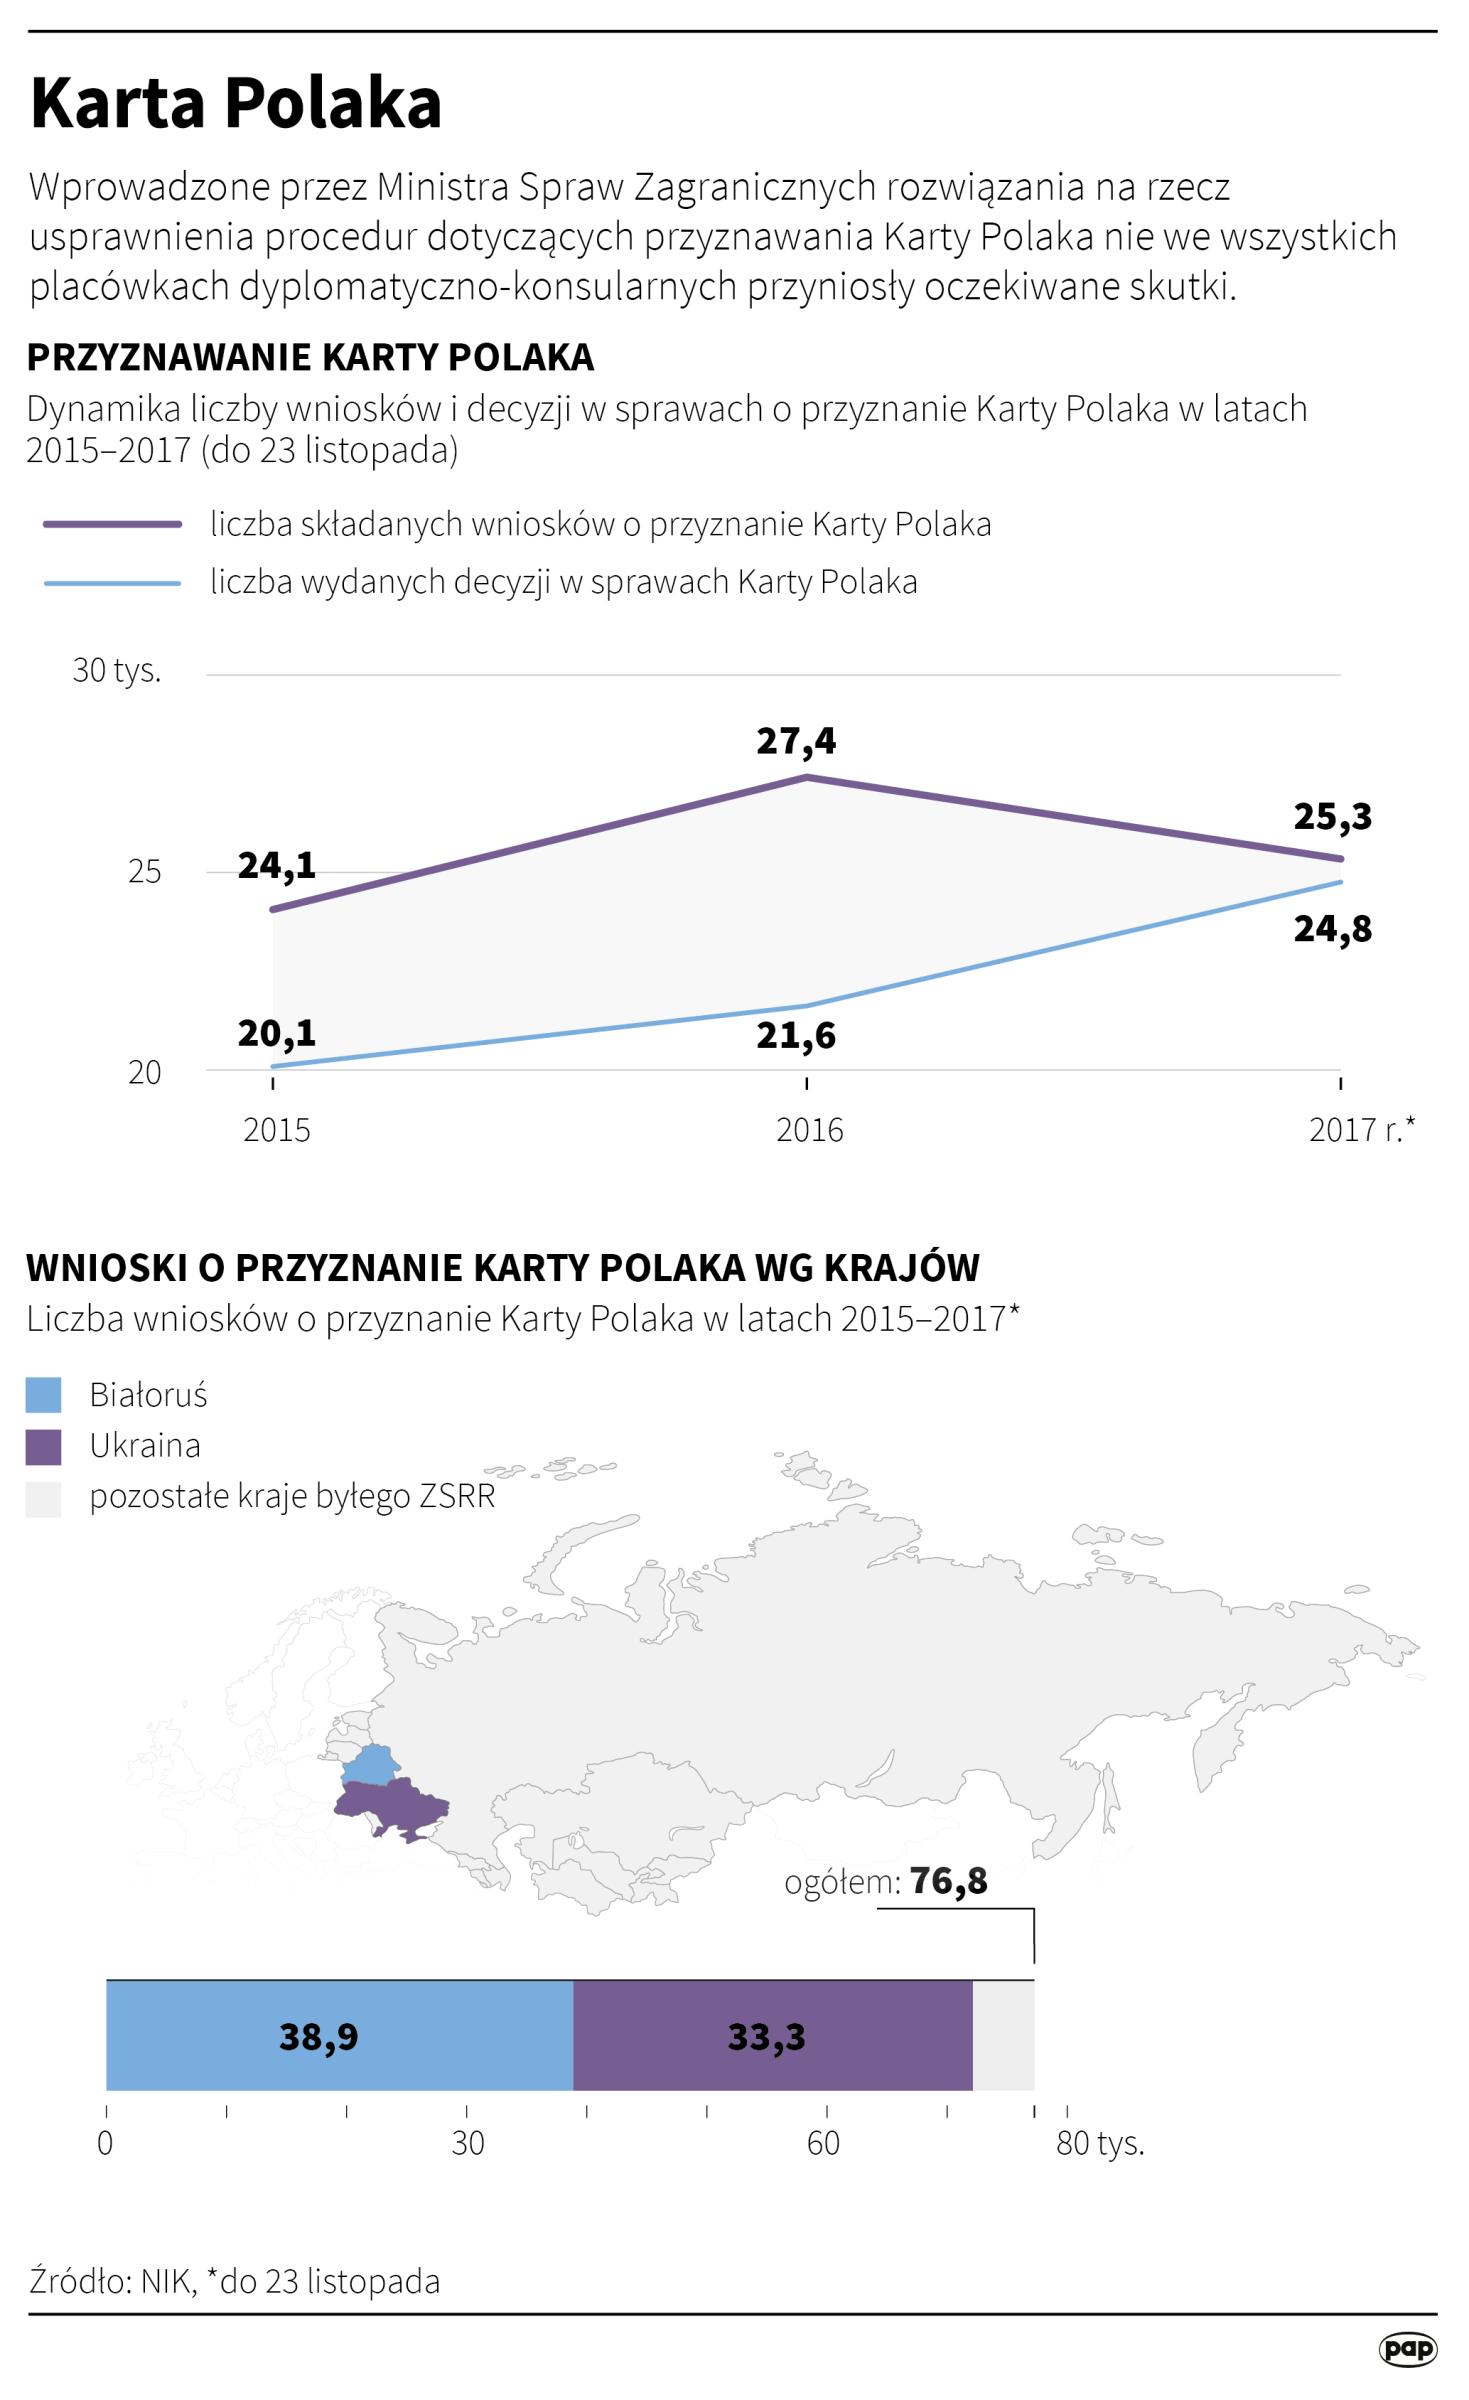 Liczba przyznanych Kart Polaka i główne kraje składania wniosków